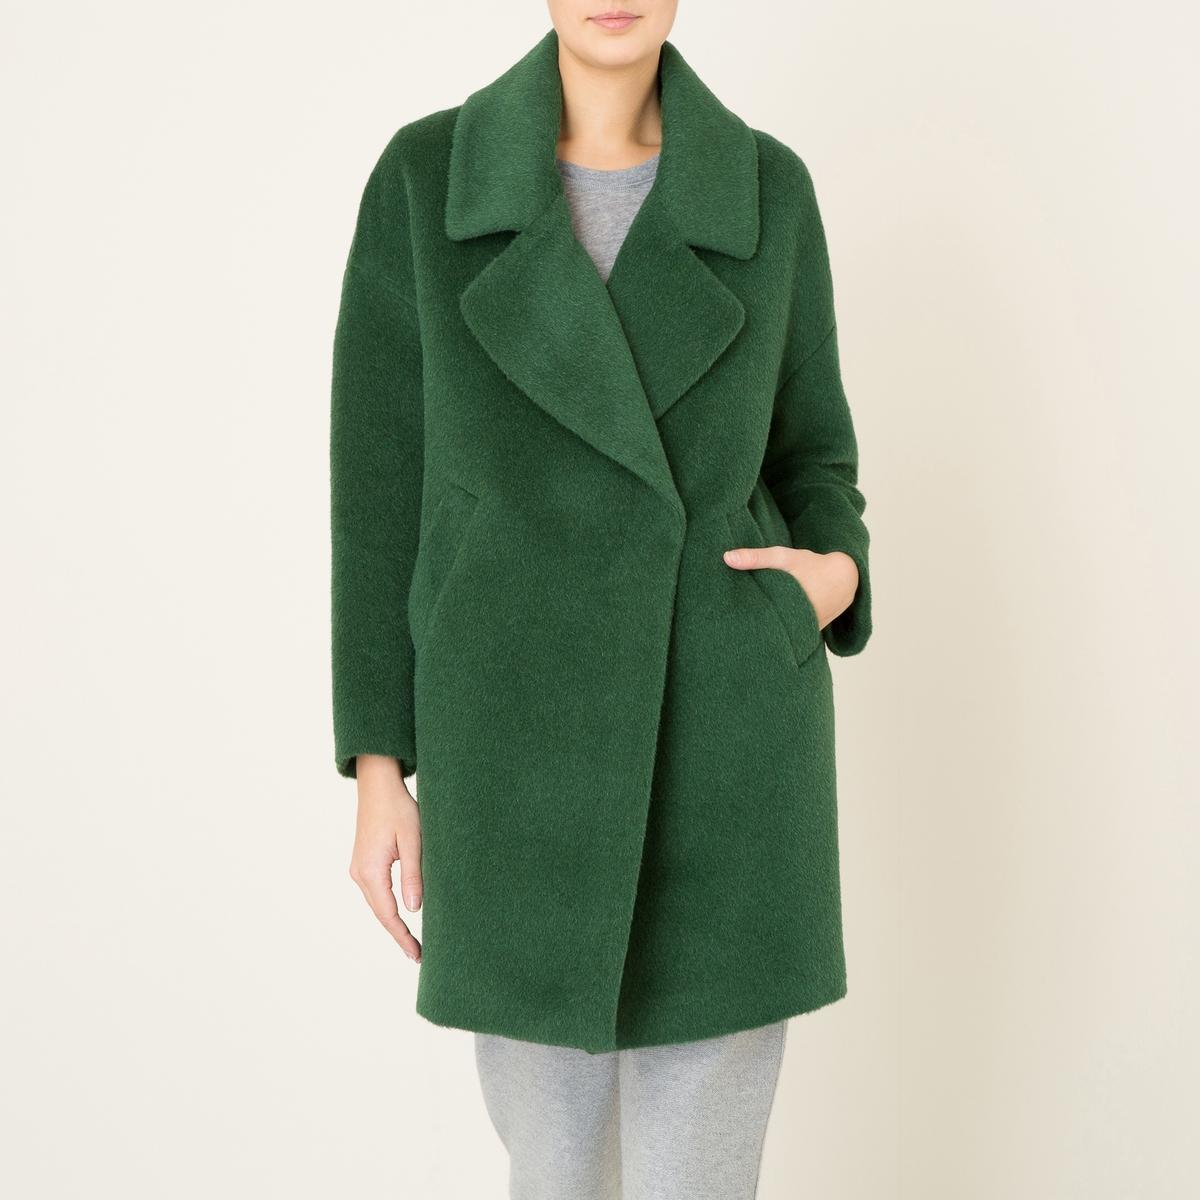 Пальто покроя оверсайзСостав и описание    Материал : 42% шерсти, 25% мохера, 25% альпаки, 8% полиамида   Подкладка    : 100% ацетат   Длина : посередине сзади 90 см. (для размера 36)   Марка : LA BRAND BOUTIQUE<br><br>Цвет: зеленый